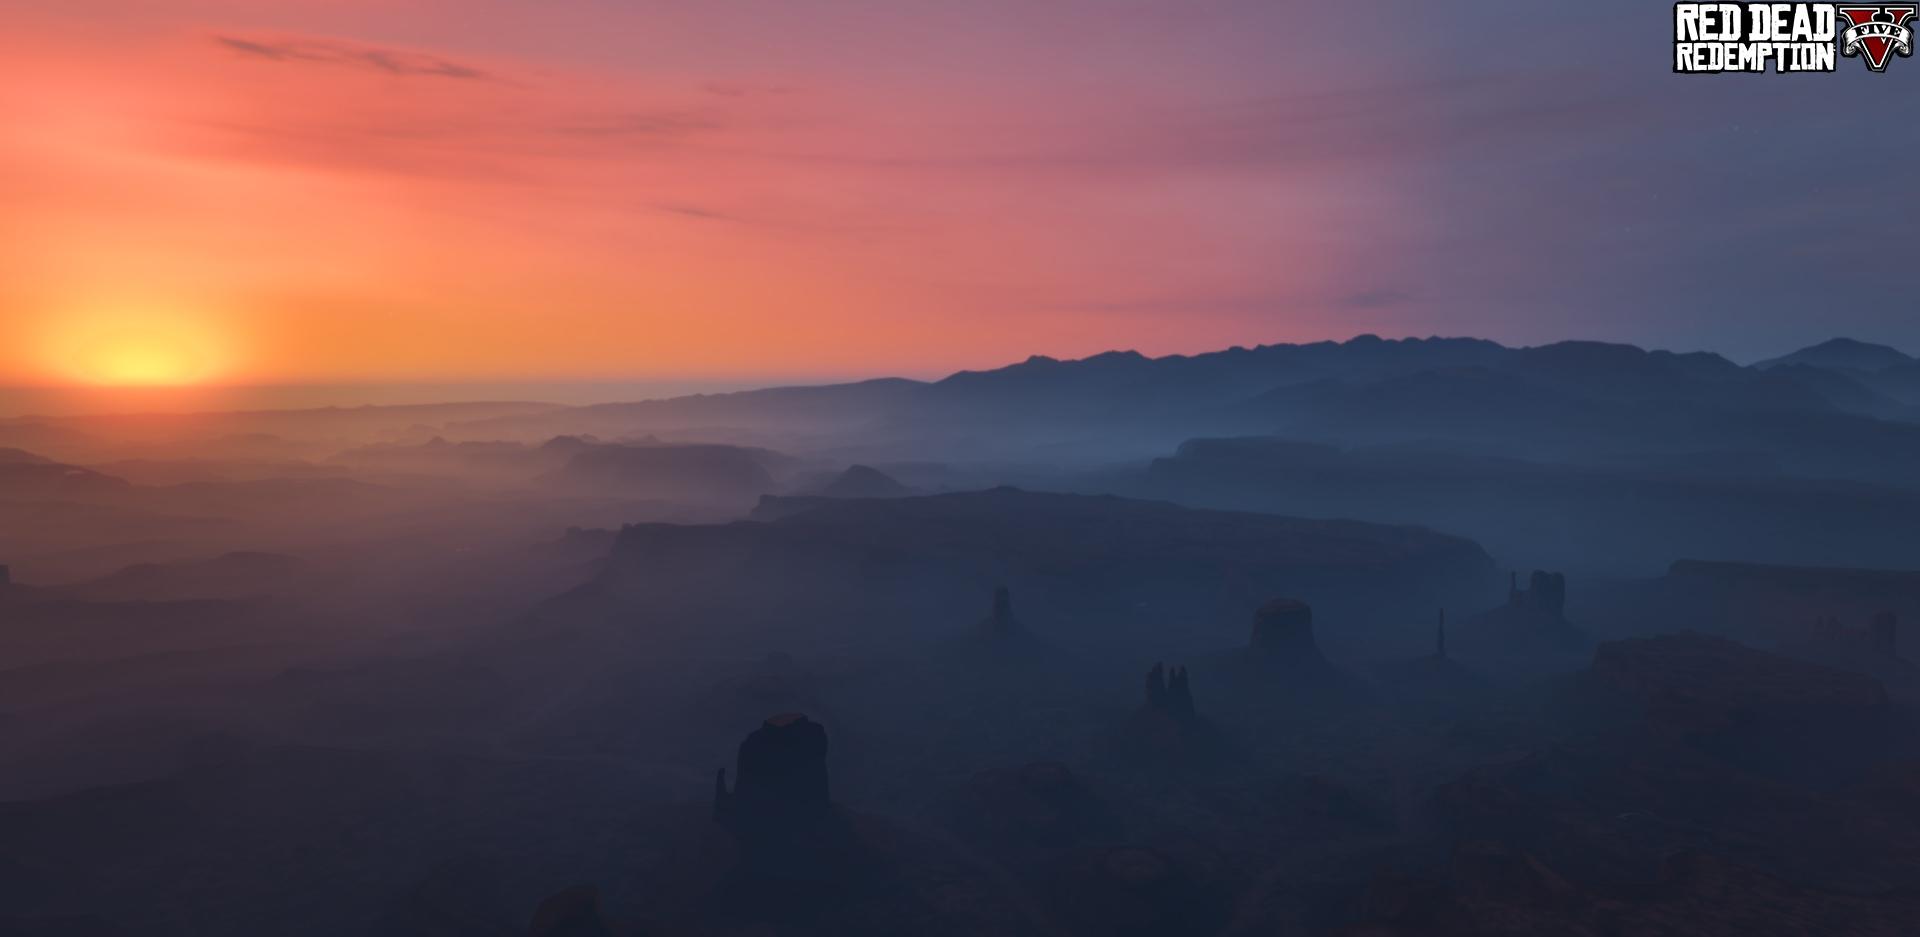 En marcha el traslado del mapa de Red Dead Redemption a GTA 5